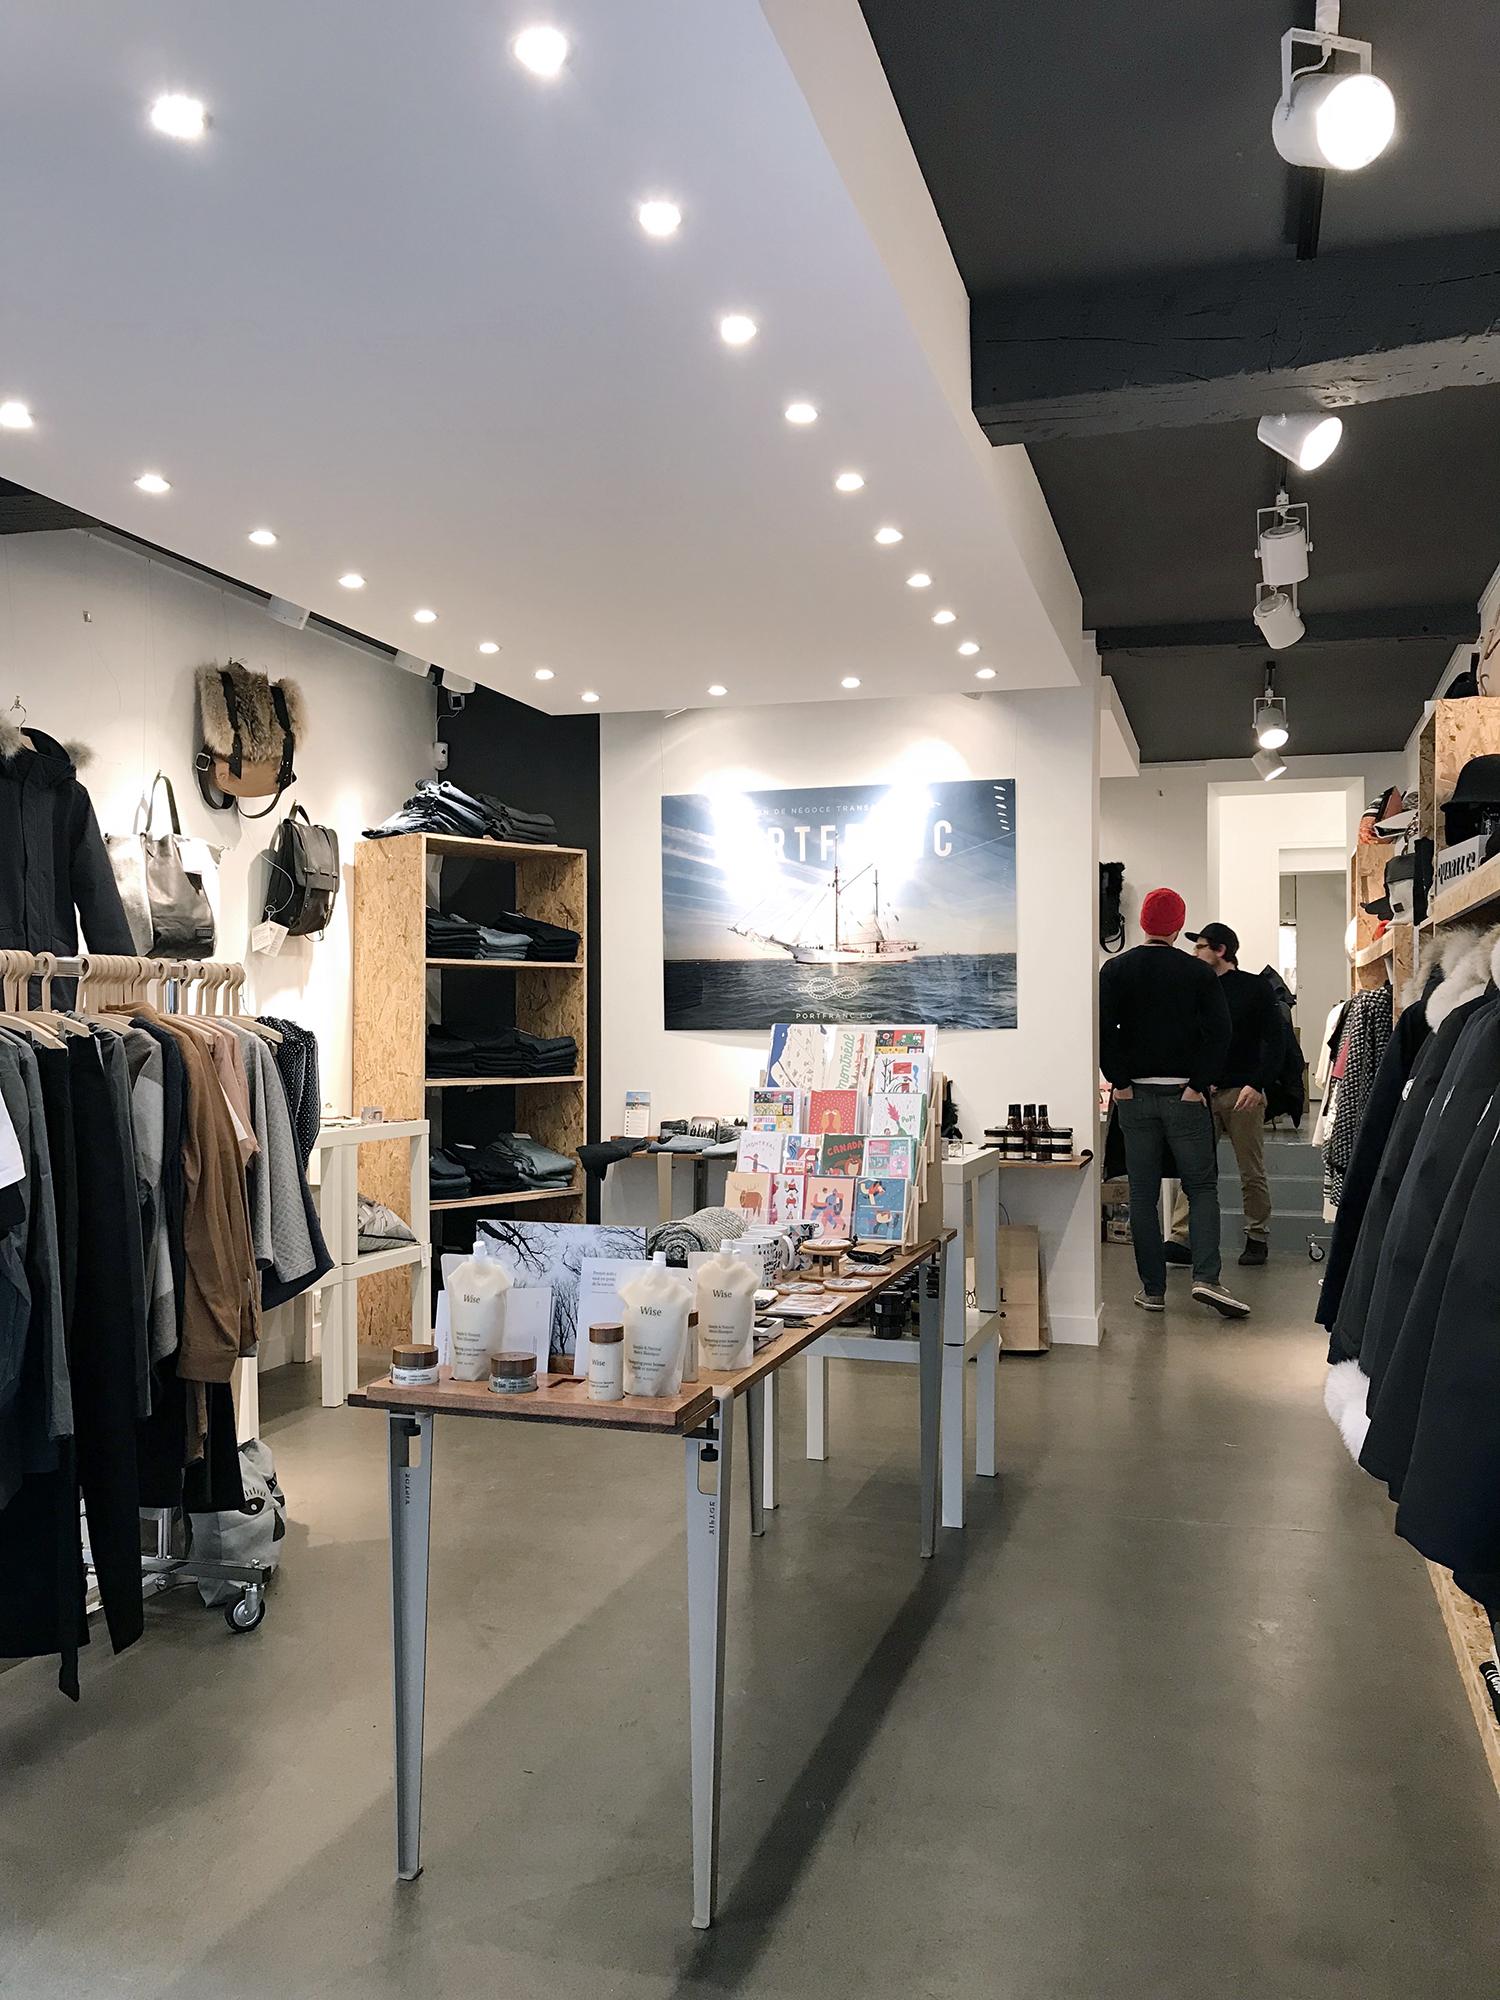 Location boutique pop up store marais